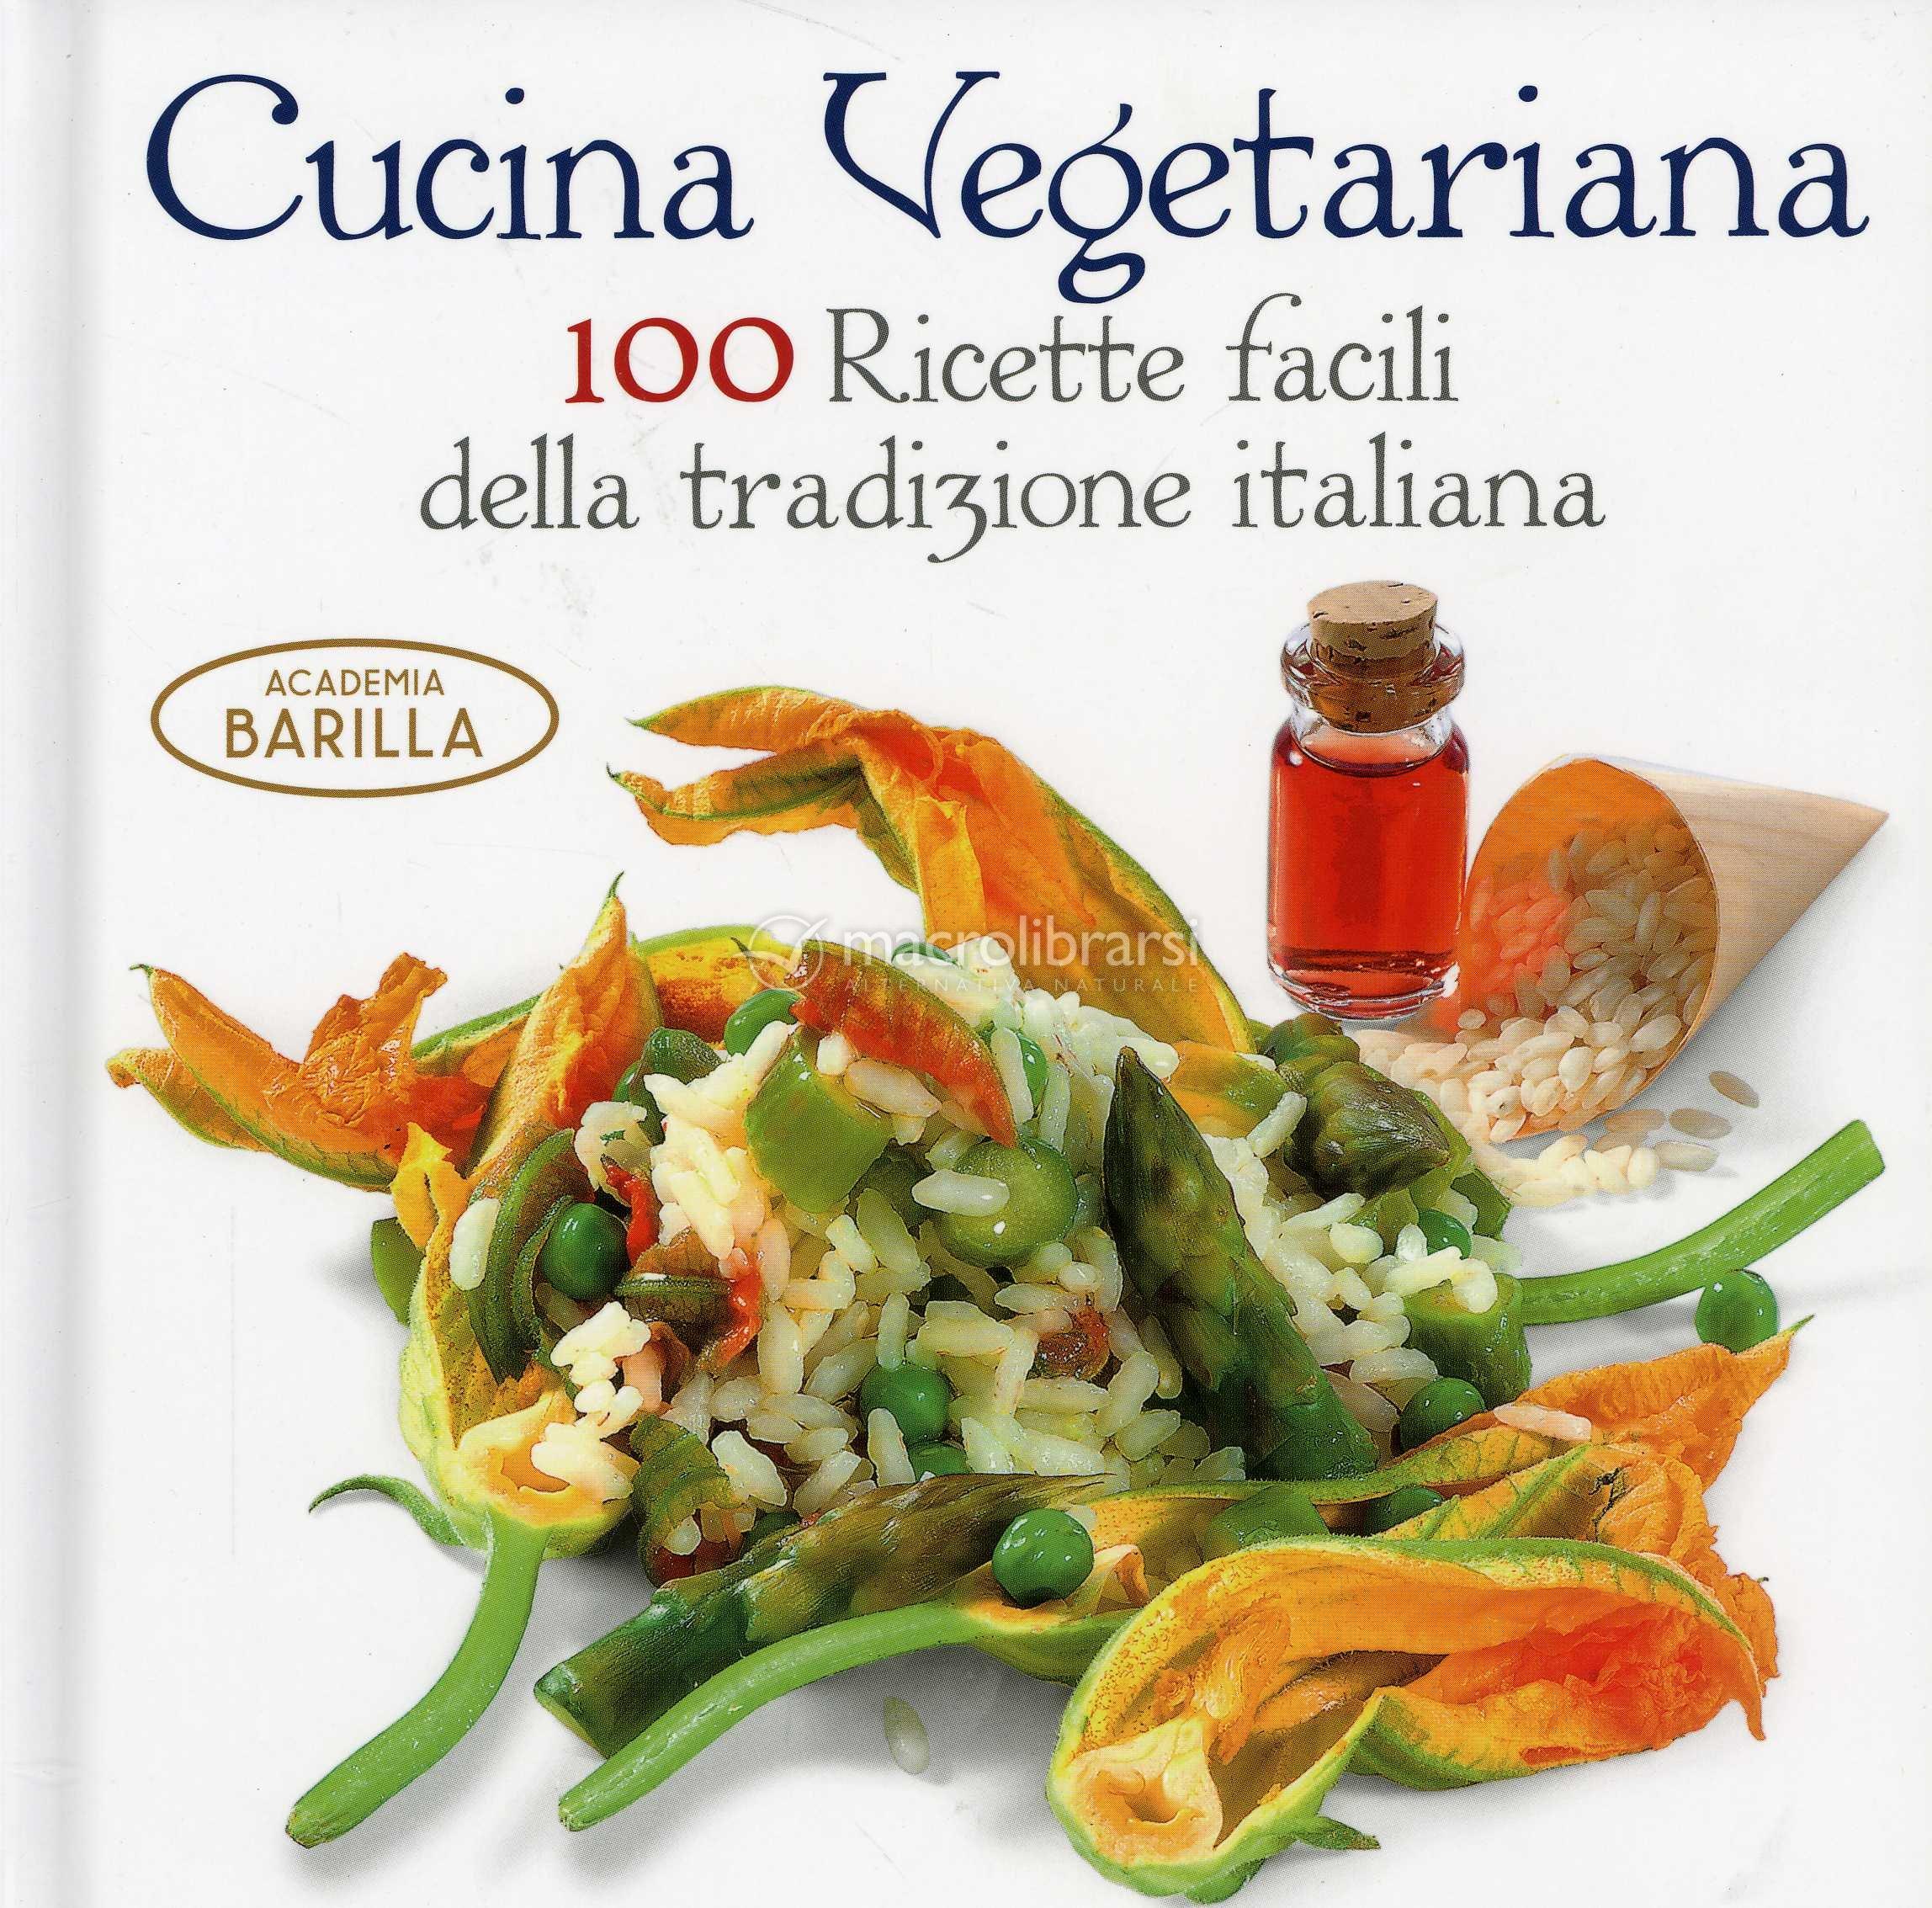 Cucina vegetariana 100 ricette facili della tradizione for Ricette di cucina italiana facili